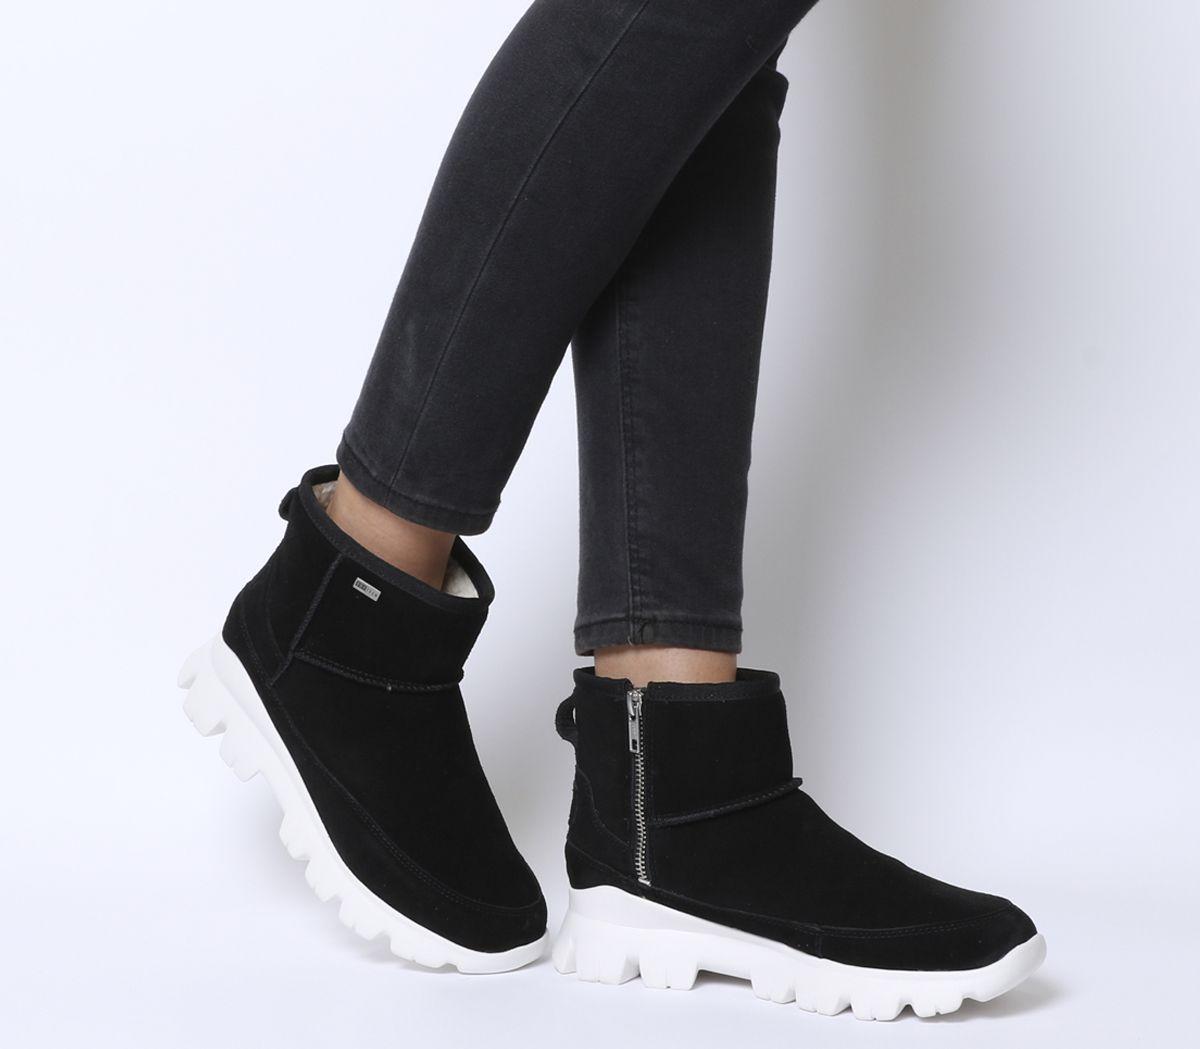 506dc00e239 Palomar Sneakers